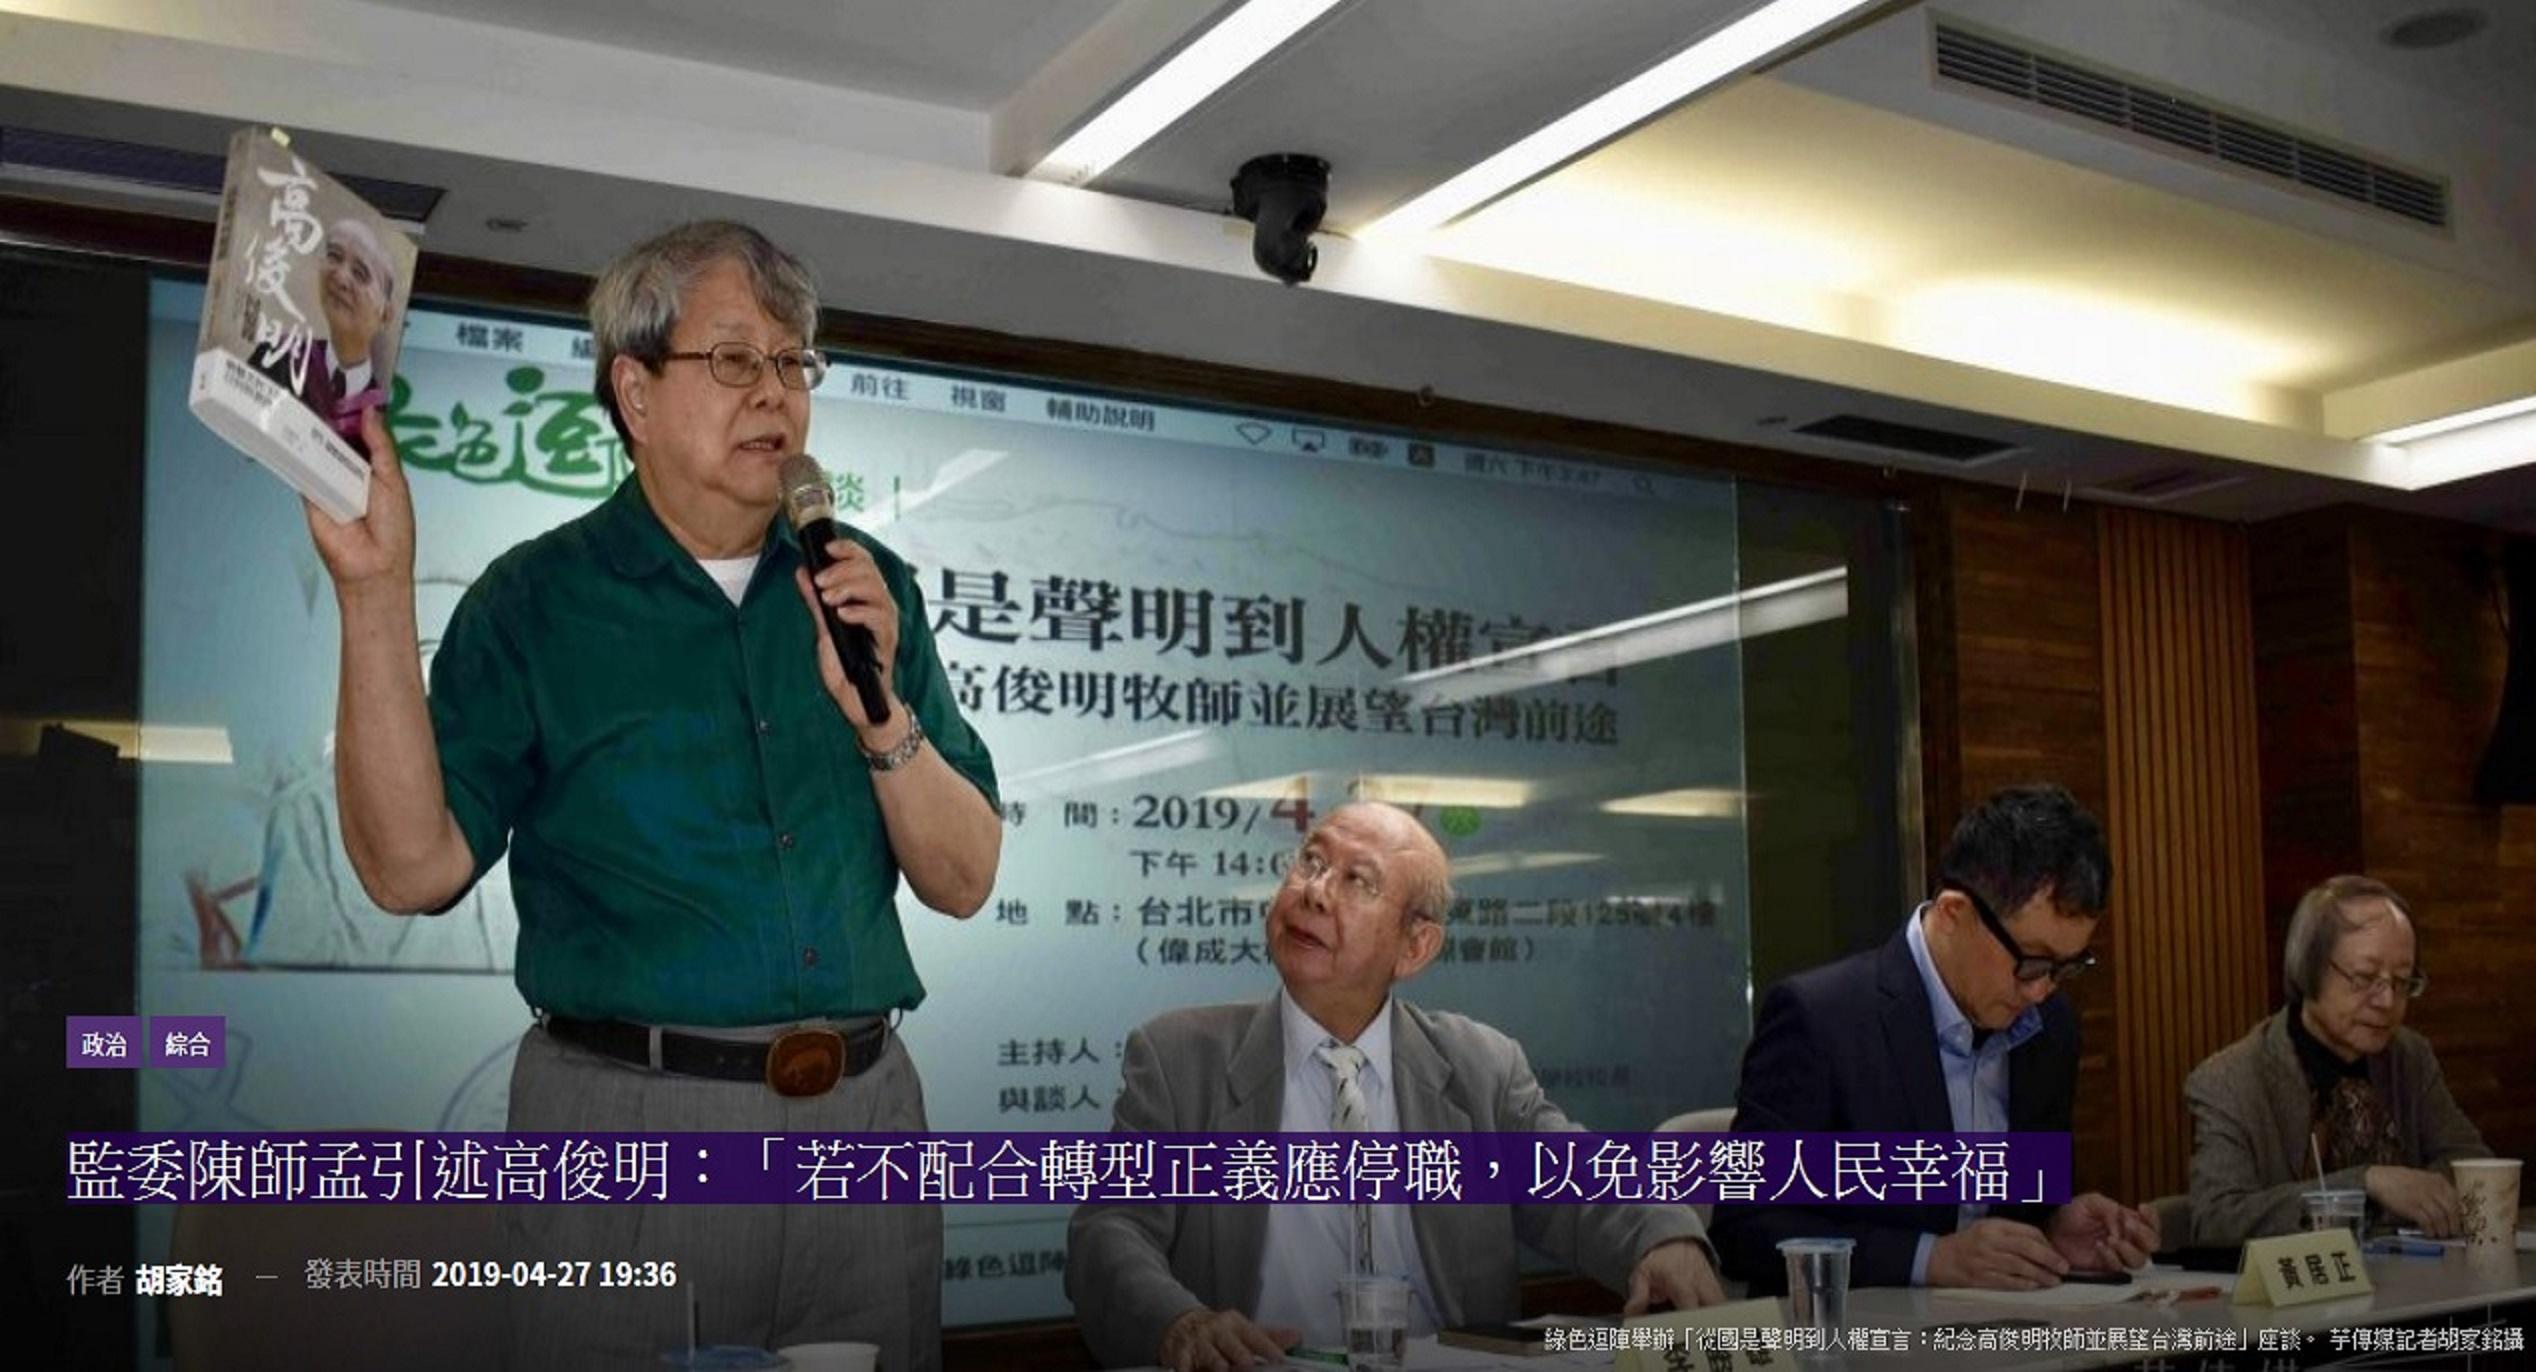 陳師孟引述高俊明:「若不配合轉型正義應停職」